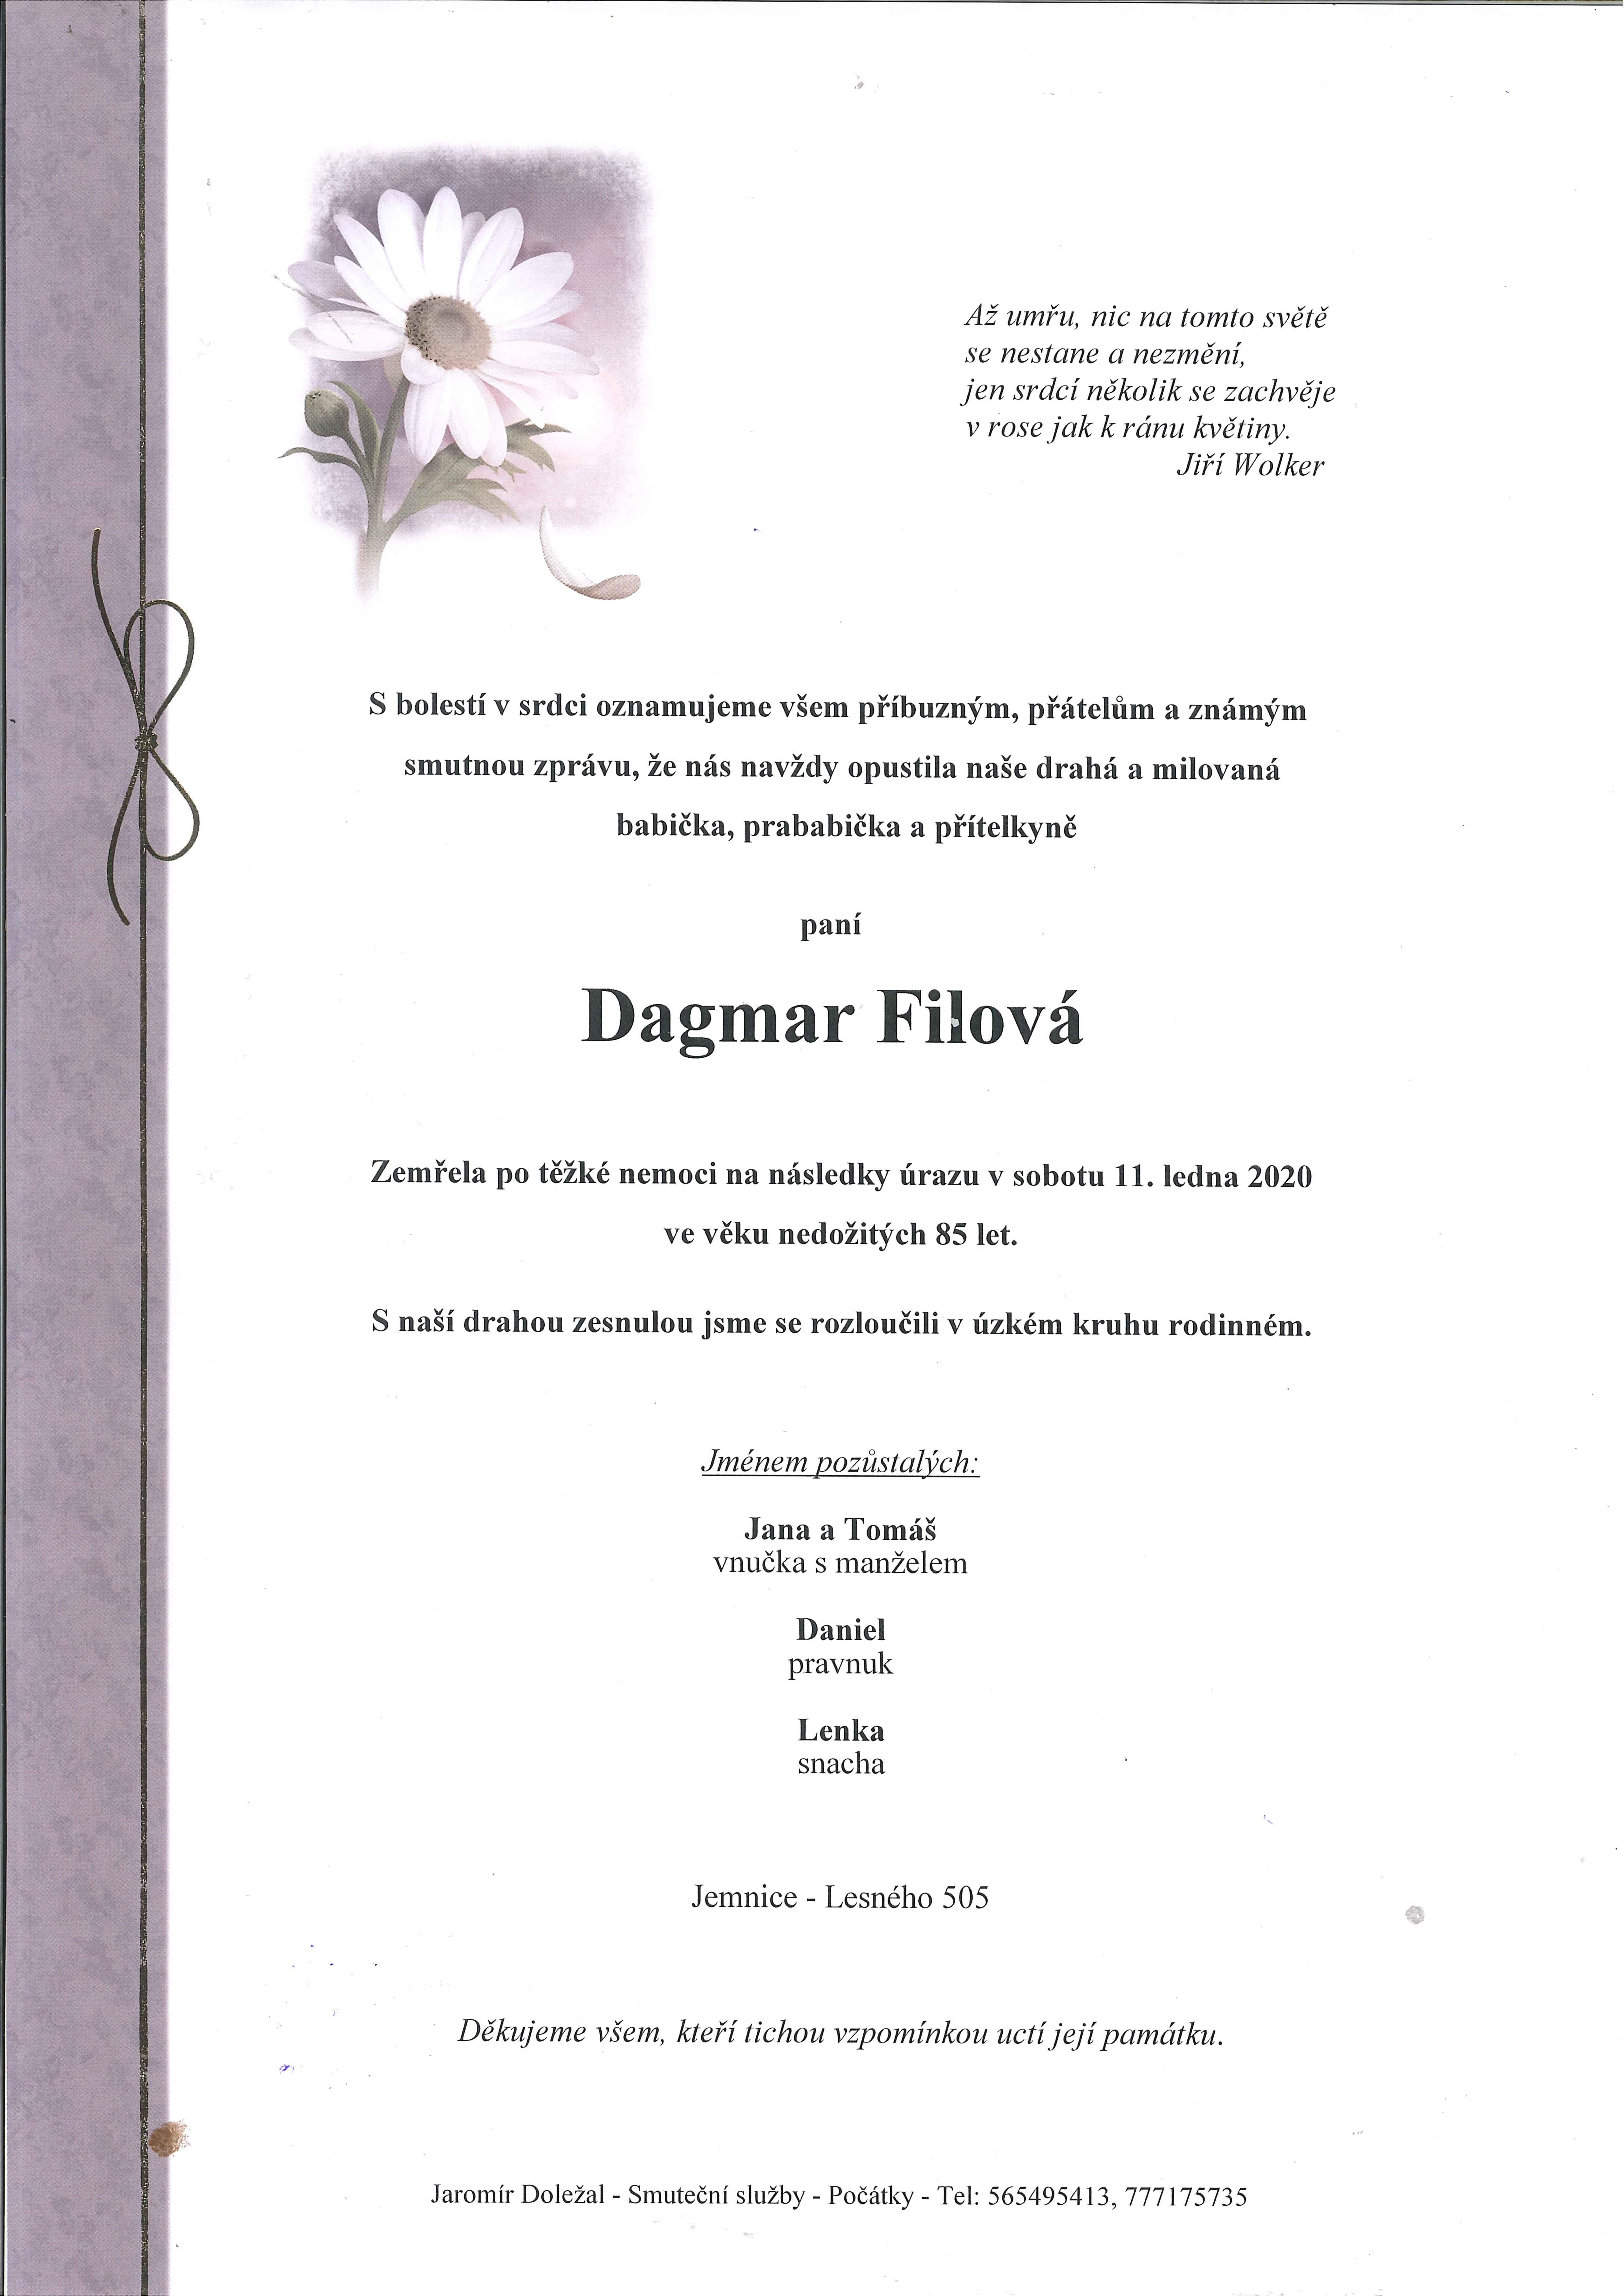 Dagmar Filová